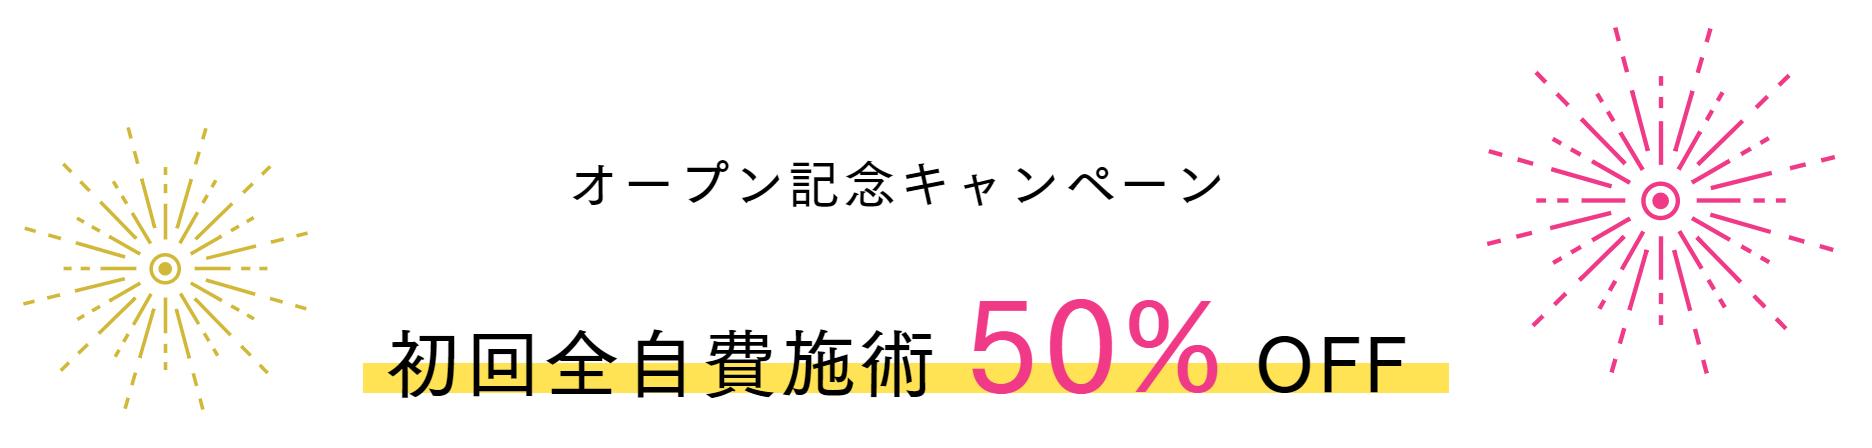 オープン記念キャンペーン 初回全自費施術50%OFF